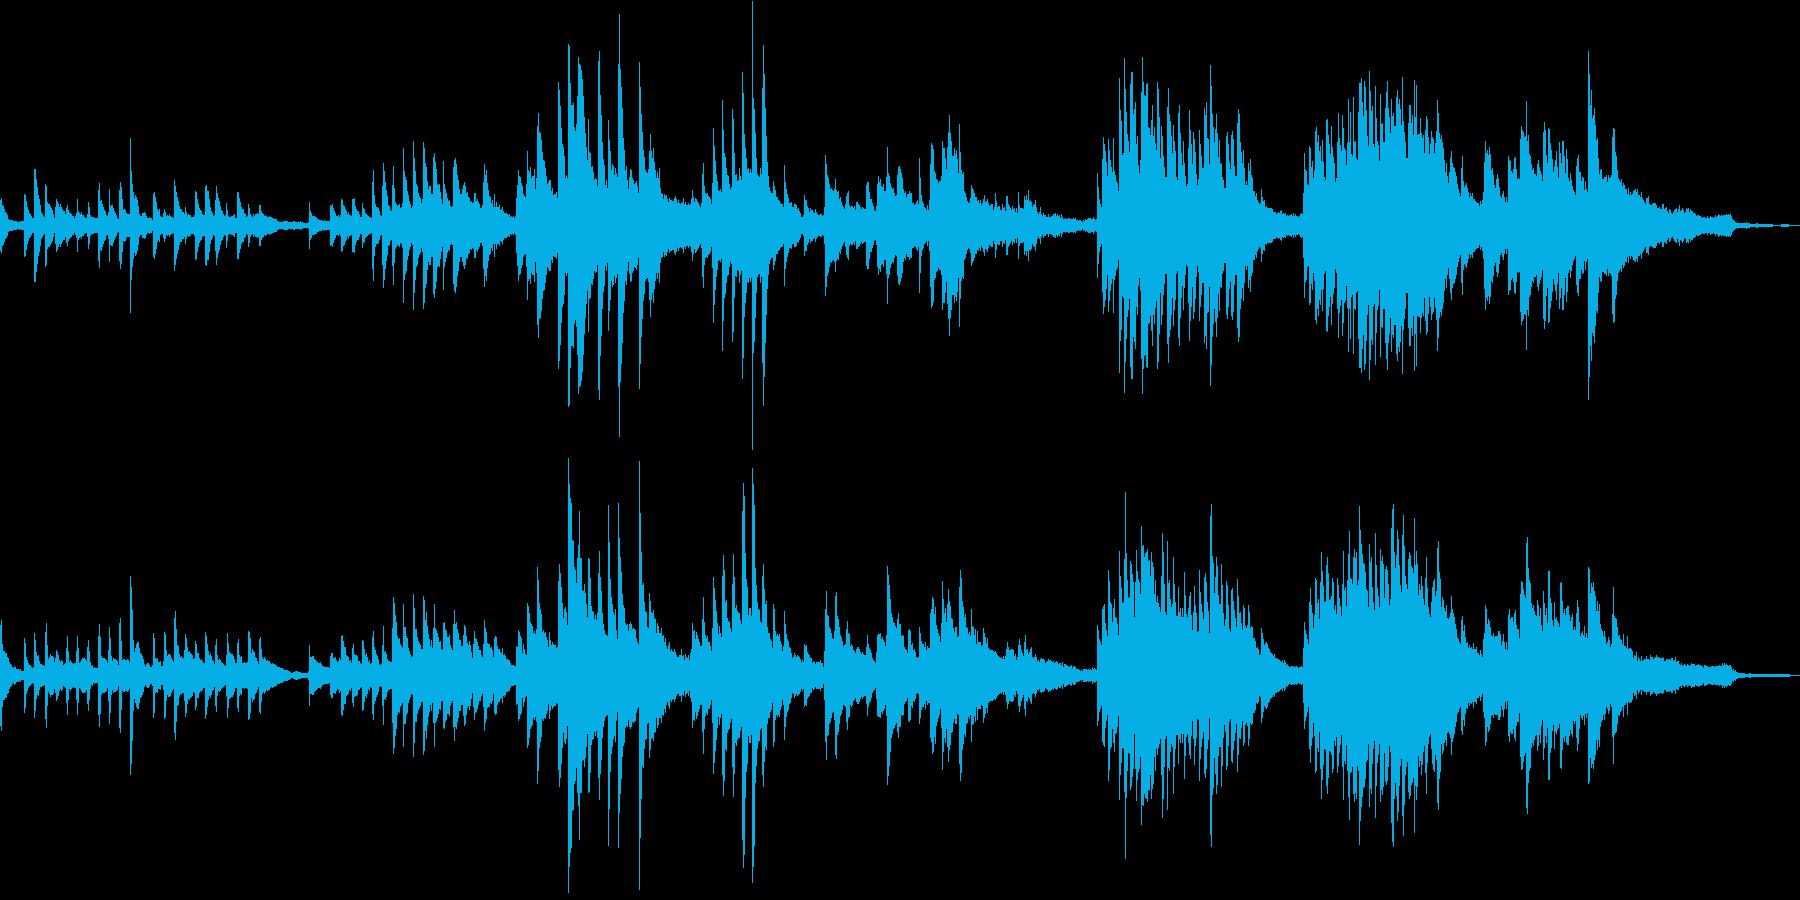 凛とした和風ミュージックの再生済みの波形